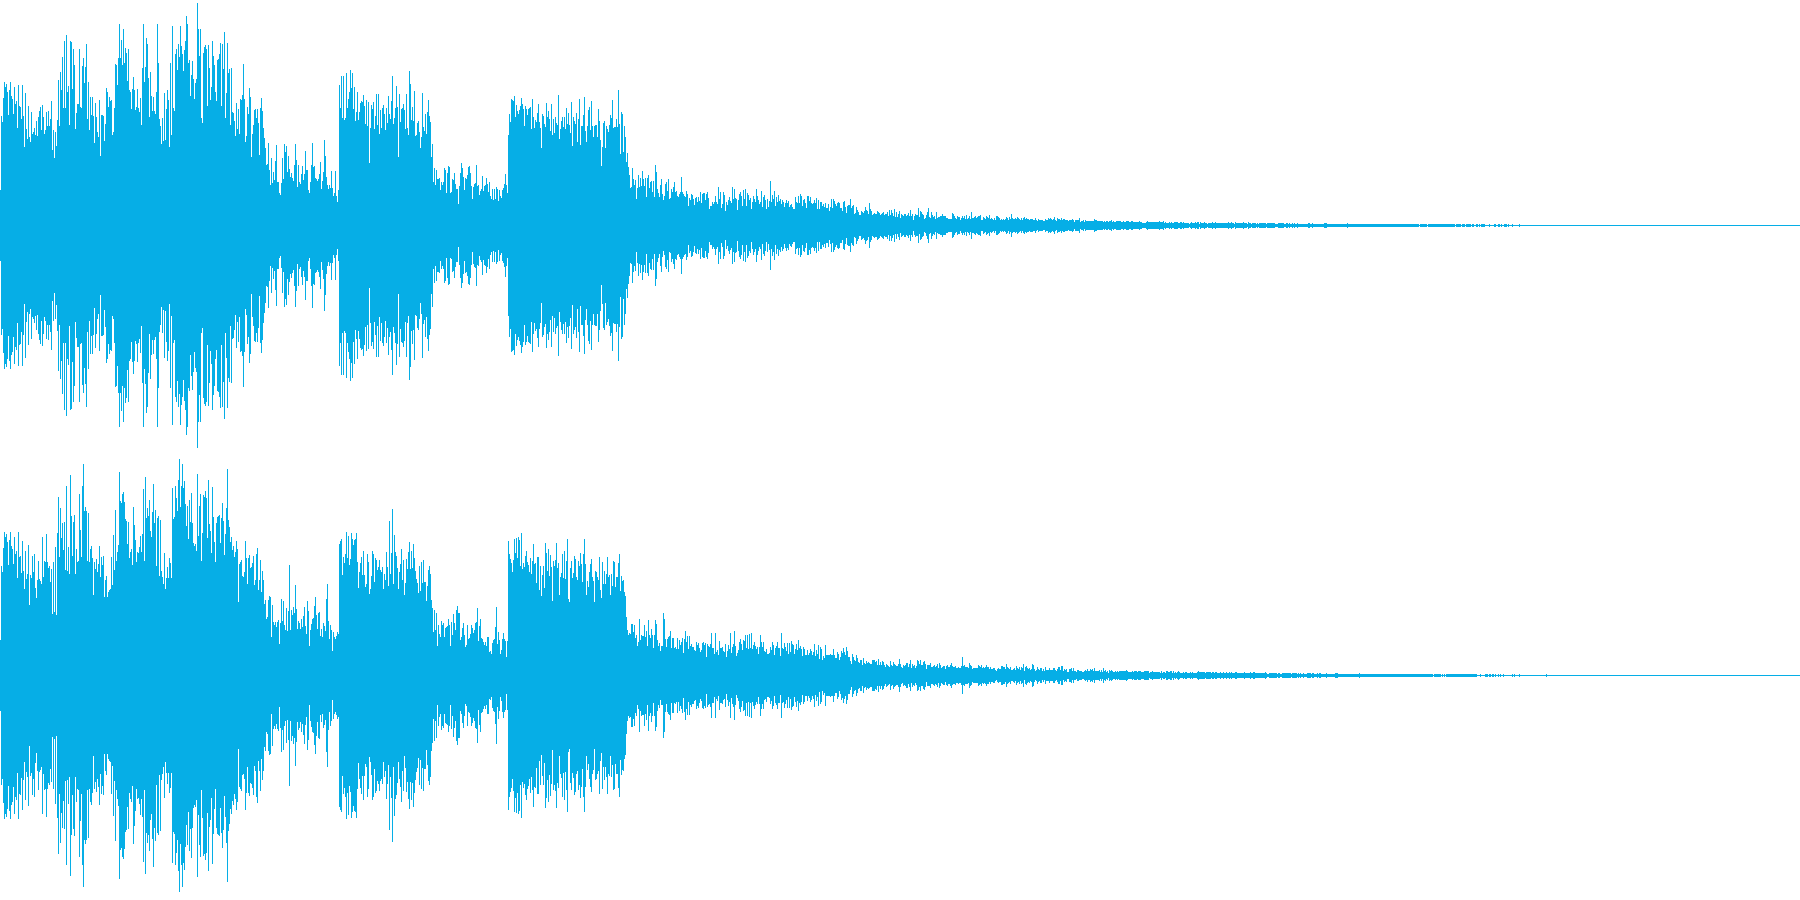 ピコピコ キュルルン ジャンプ Bの再生済みの波形